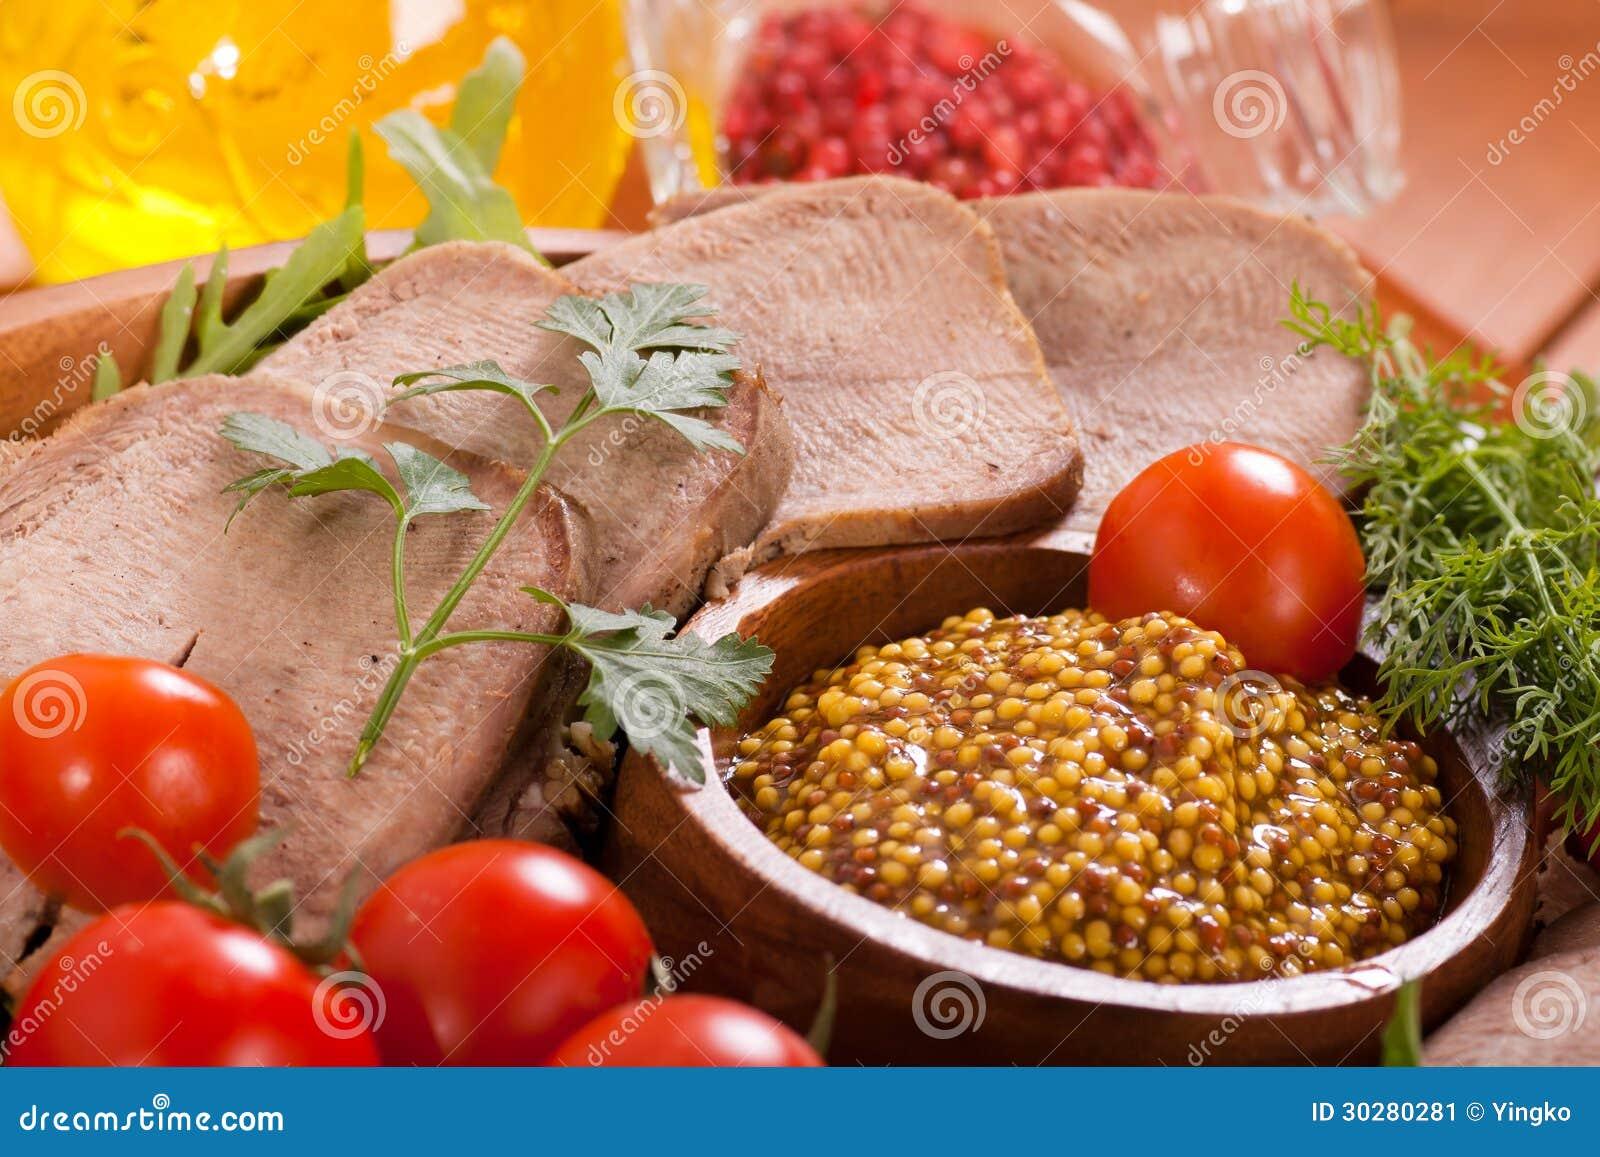 芥末和牛舌肉